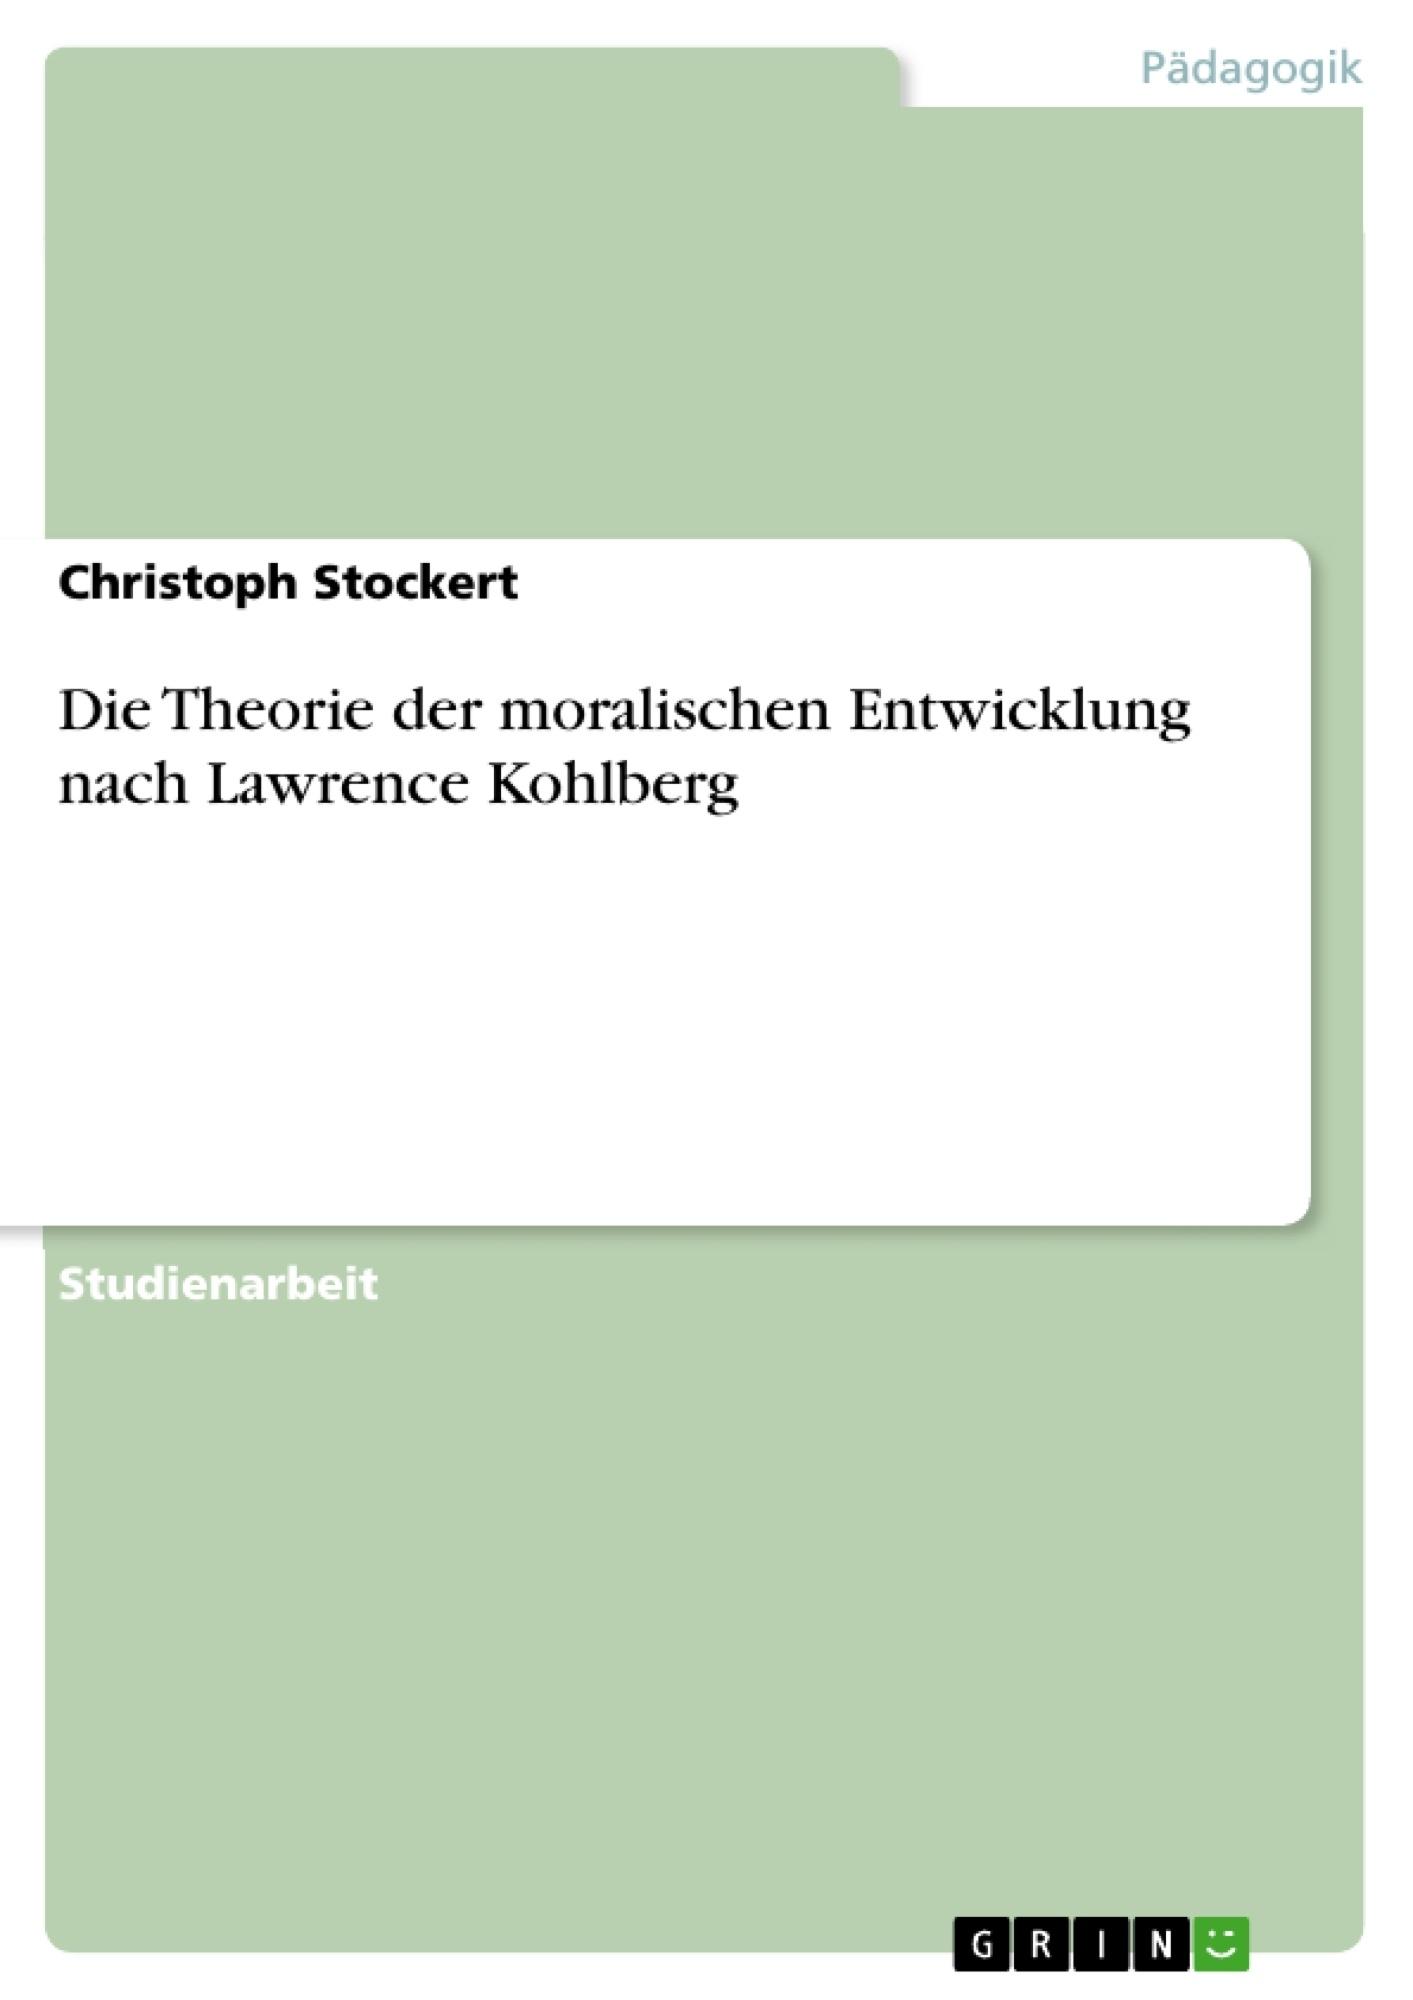 Titel: Die Theorie der moralischen Entwicklung nach Lawrence Kohlberg